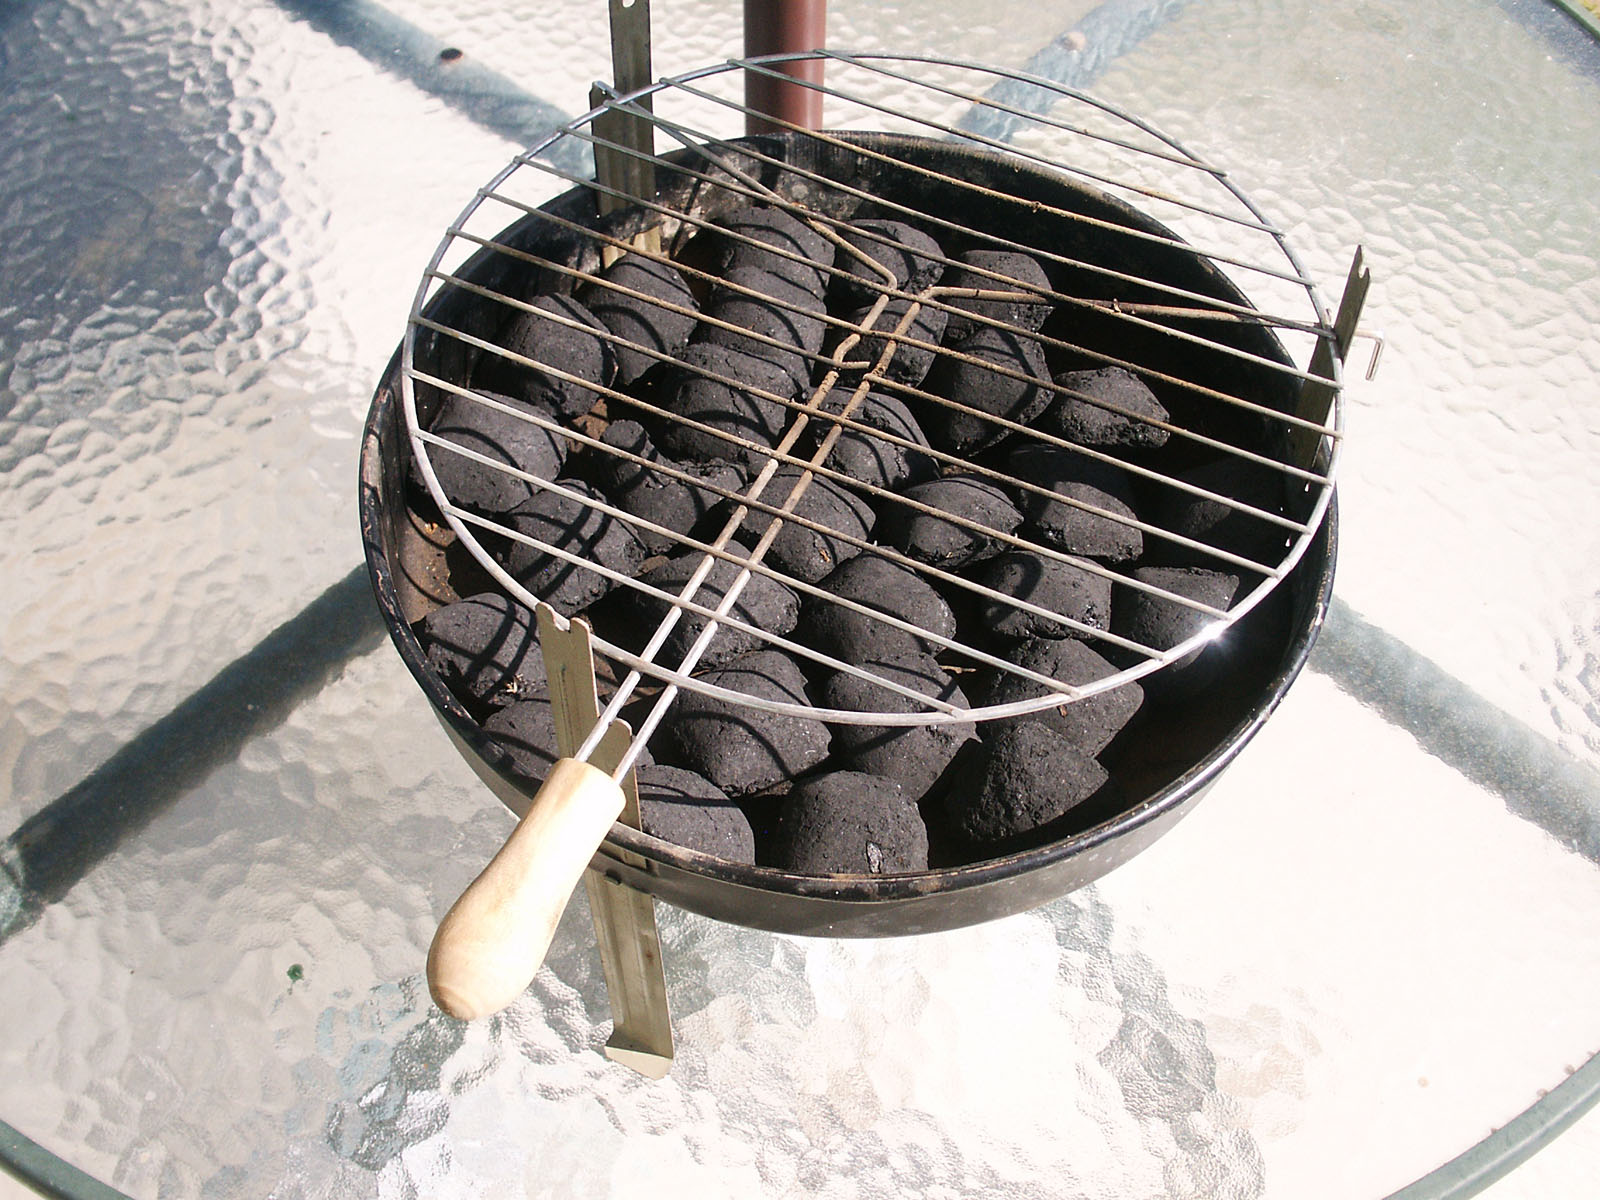 Barbecue Grill Wiki Everipedia